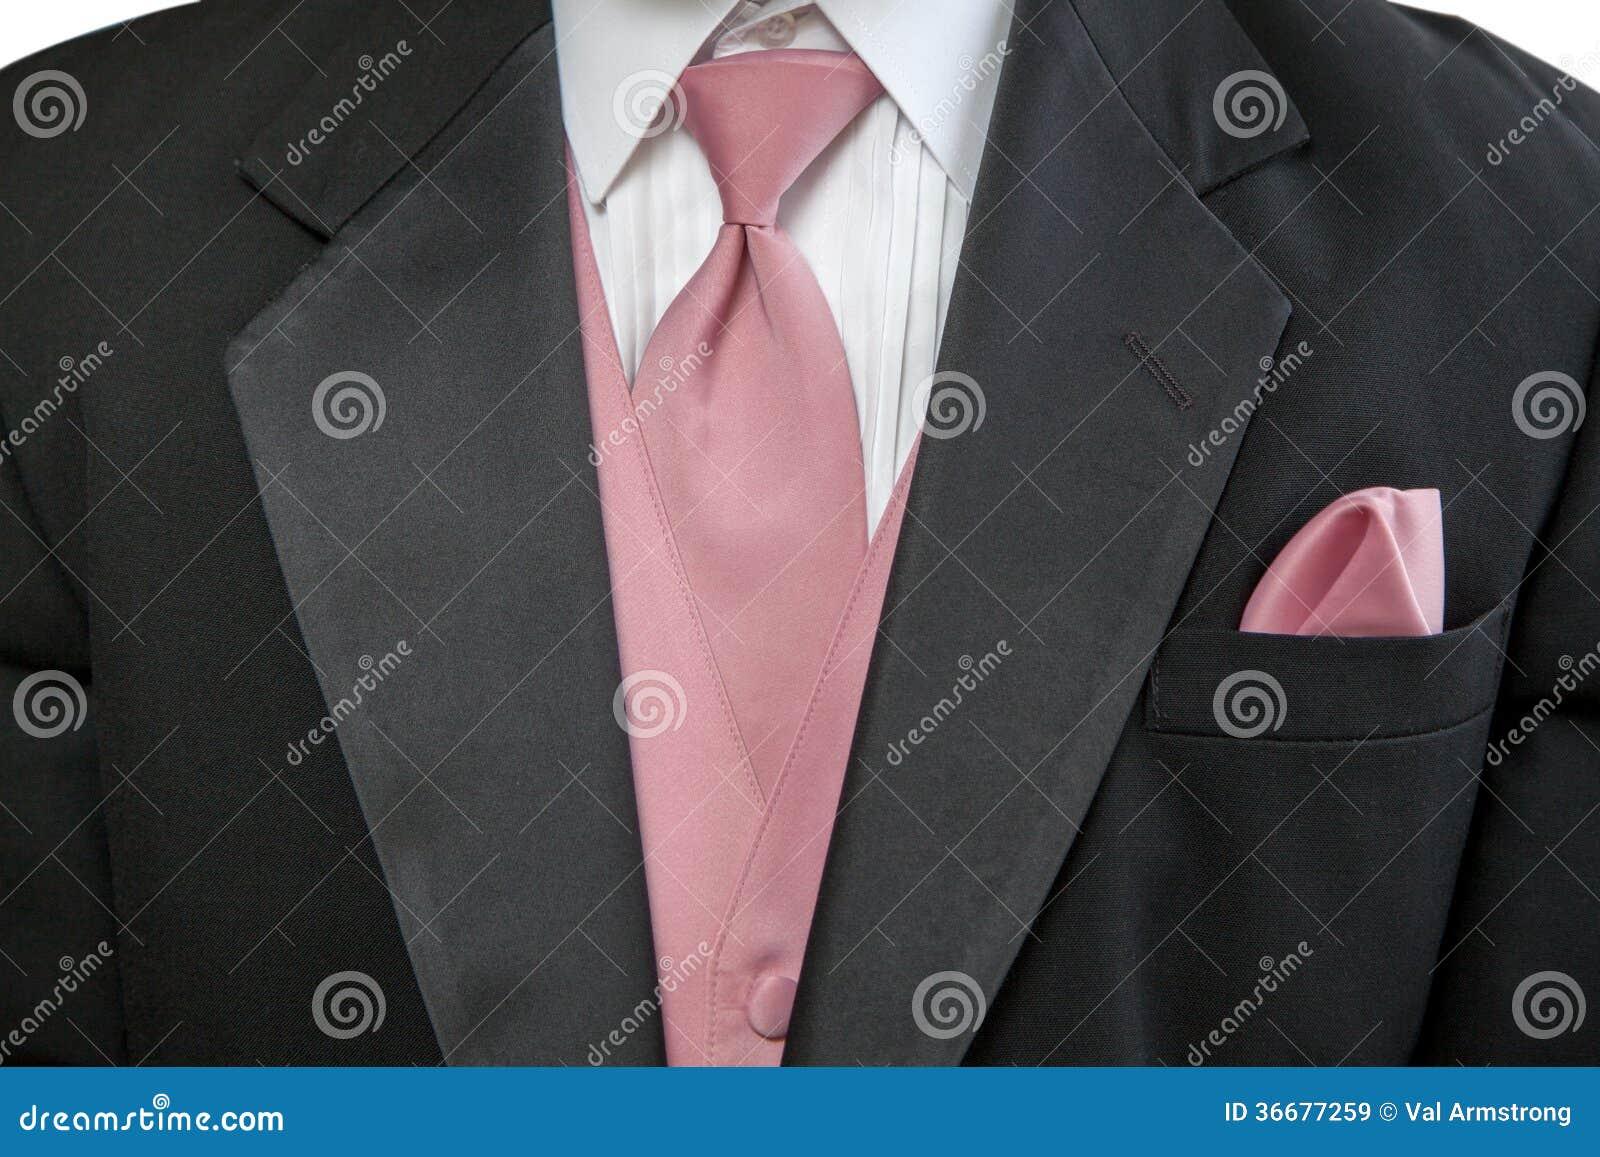 Traje Negro Formal Con El Lazo Y El Pañuelo Rosados Imagen de ...